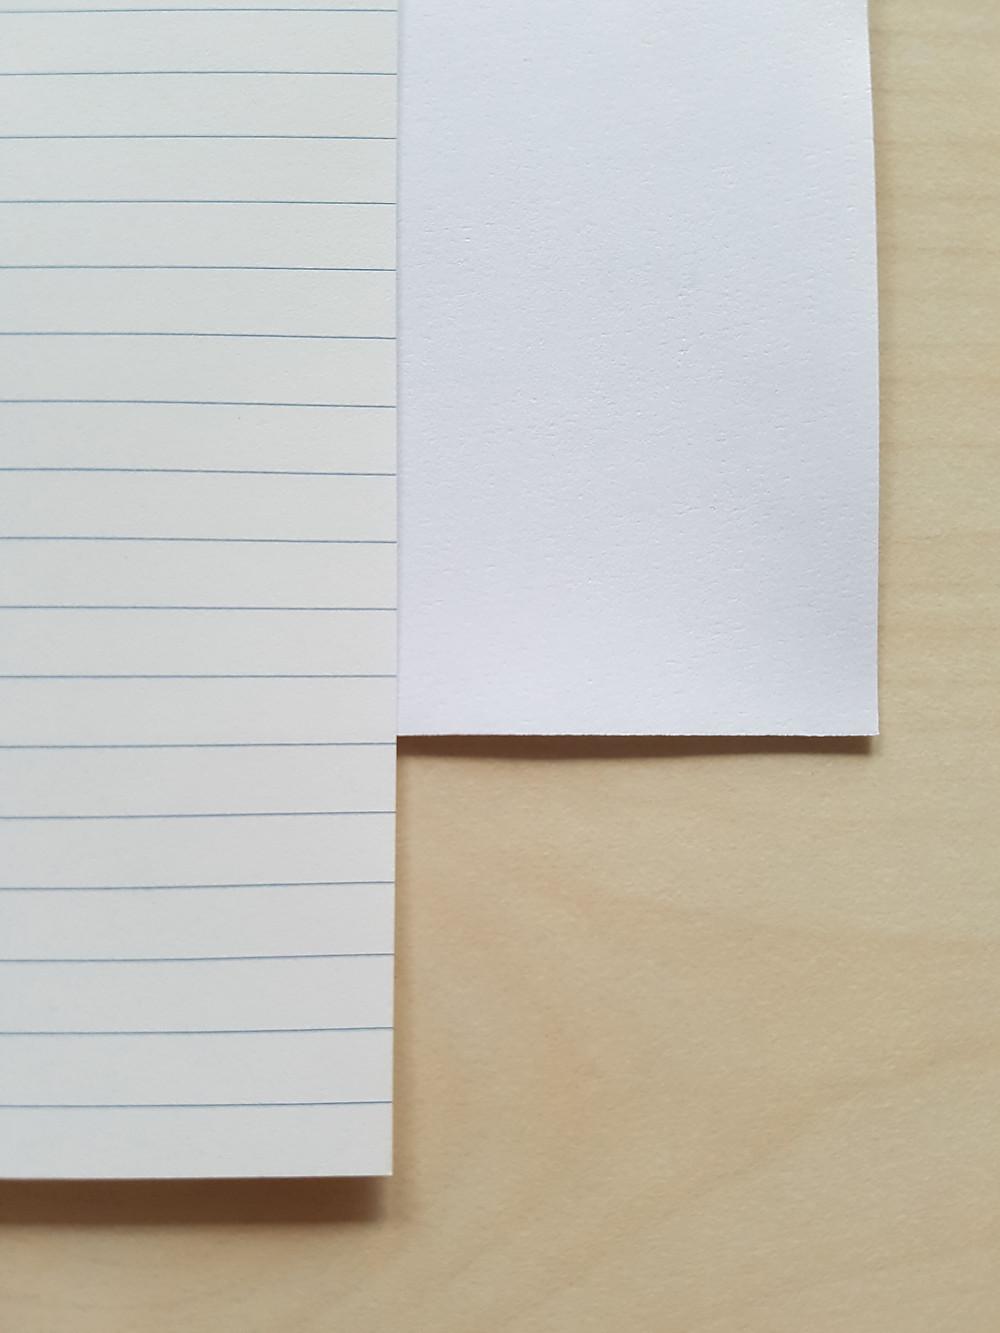 StickersSwissMade - blogpost - paper and pen test nbr 3 - filofax notebooks_4